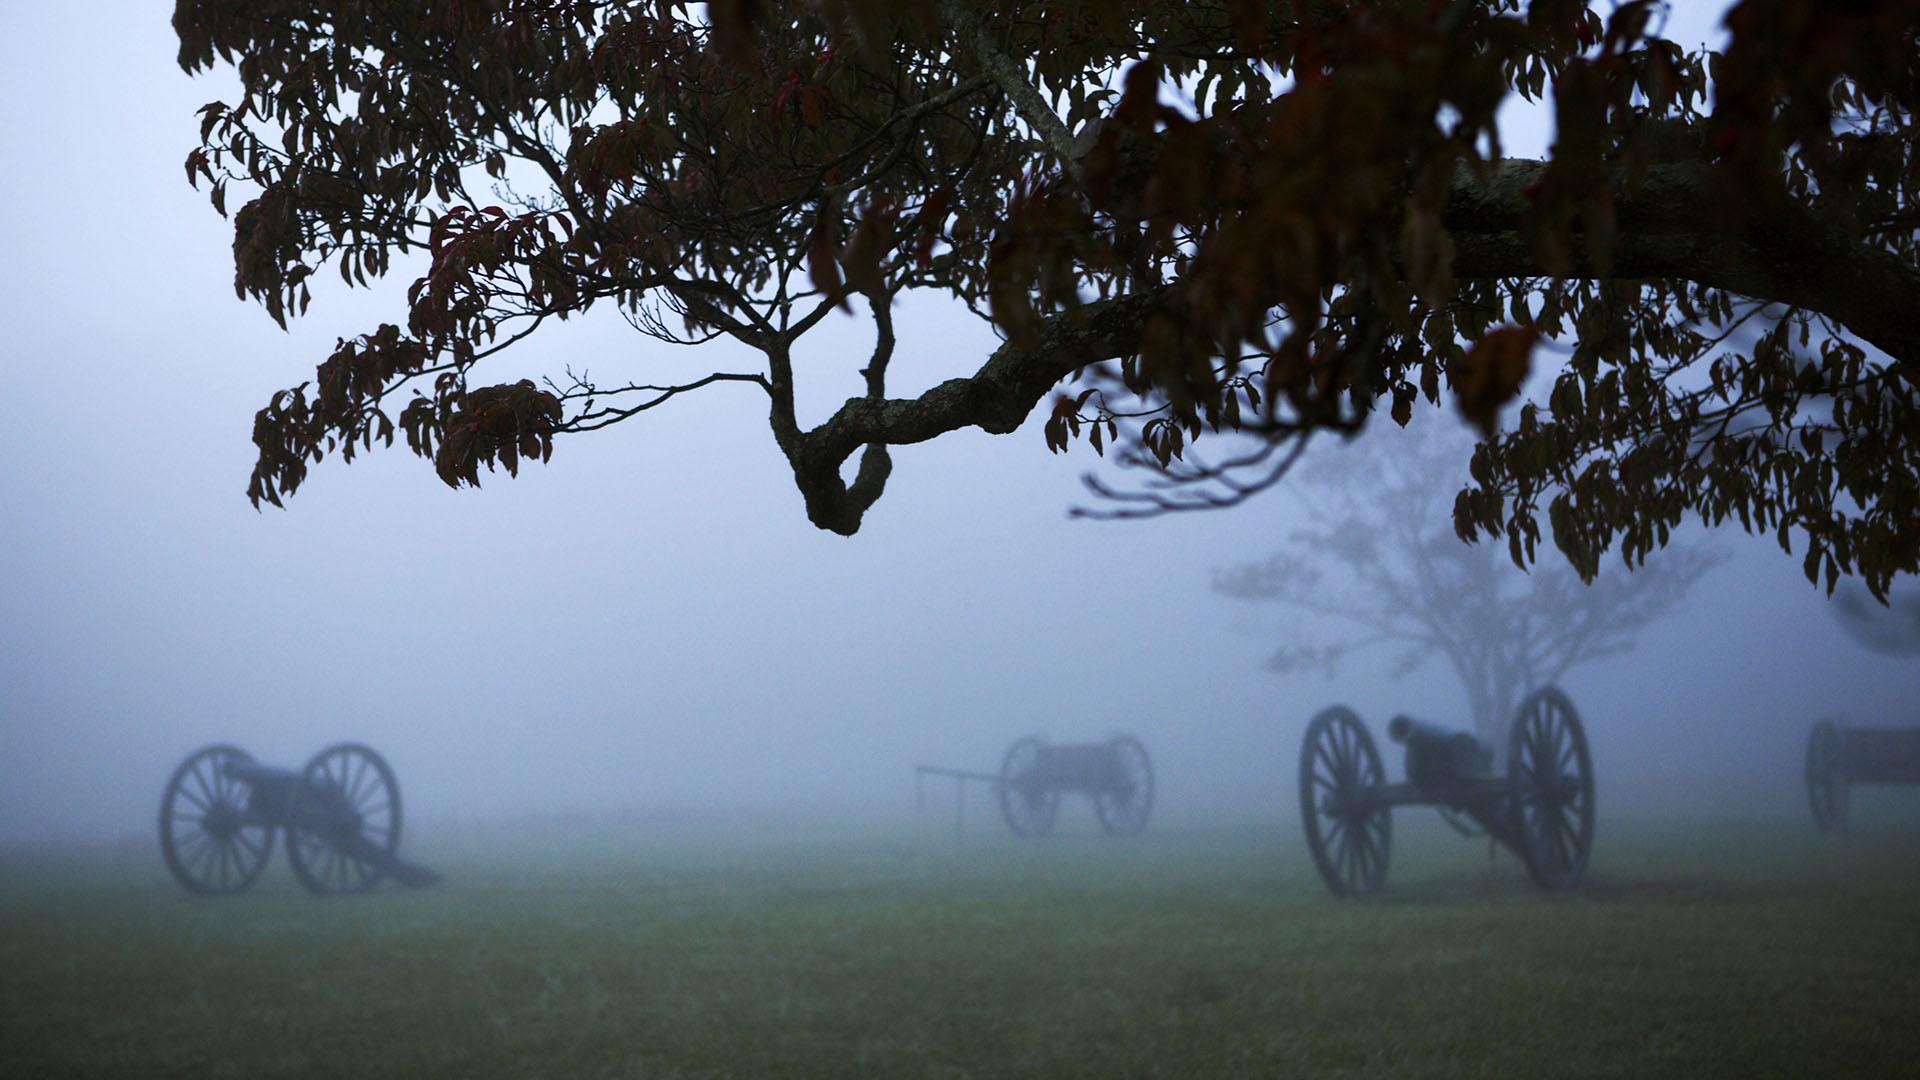 Manassas Civil War battle field